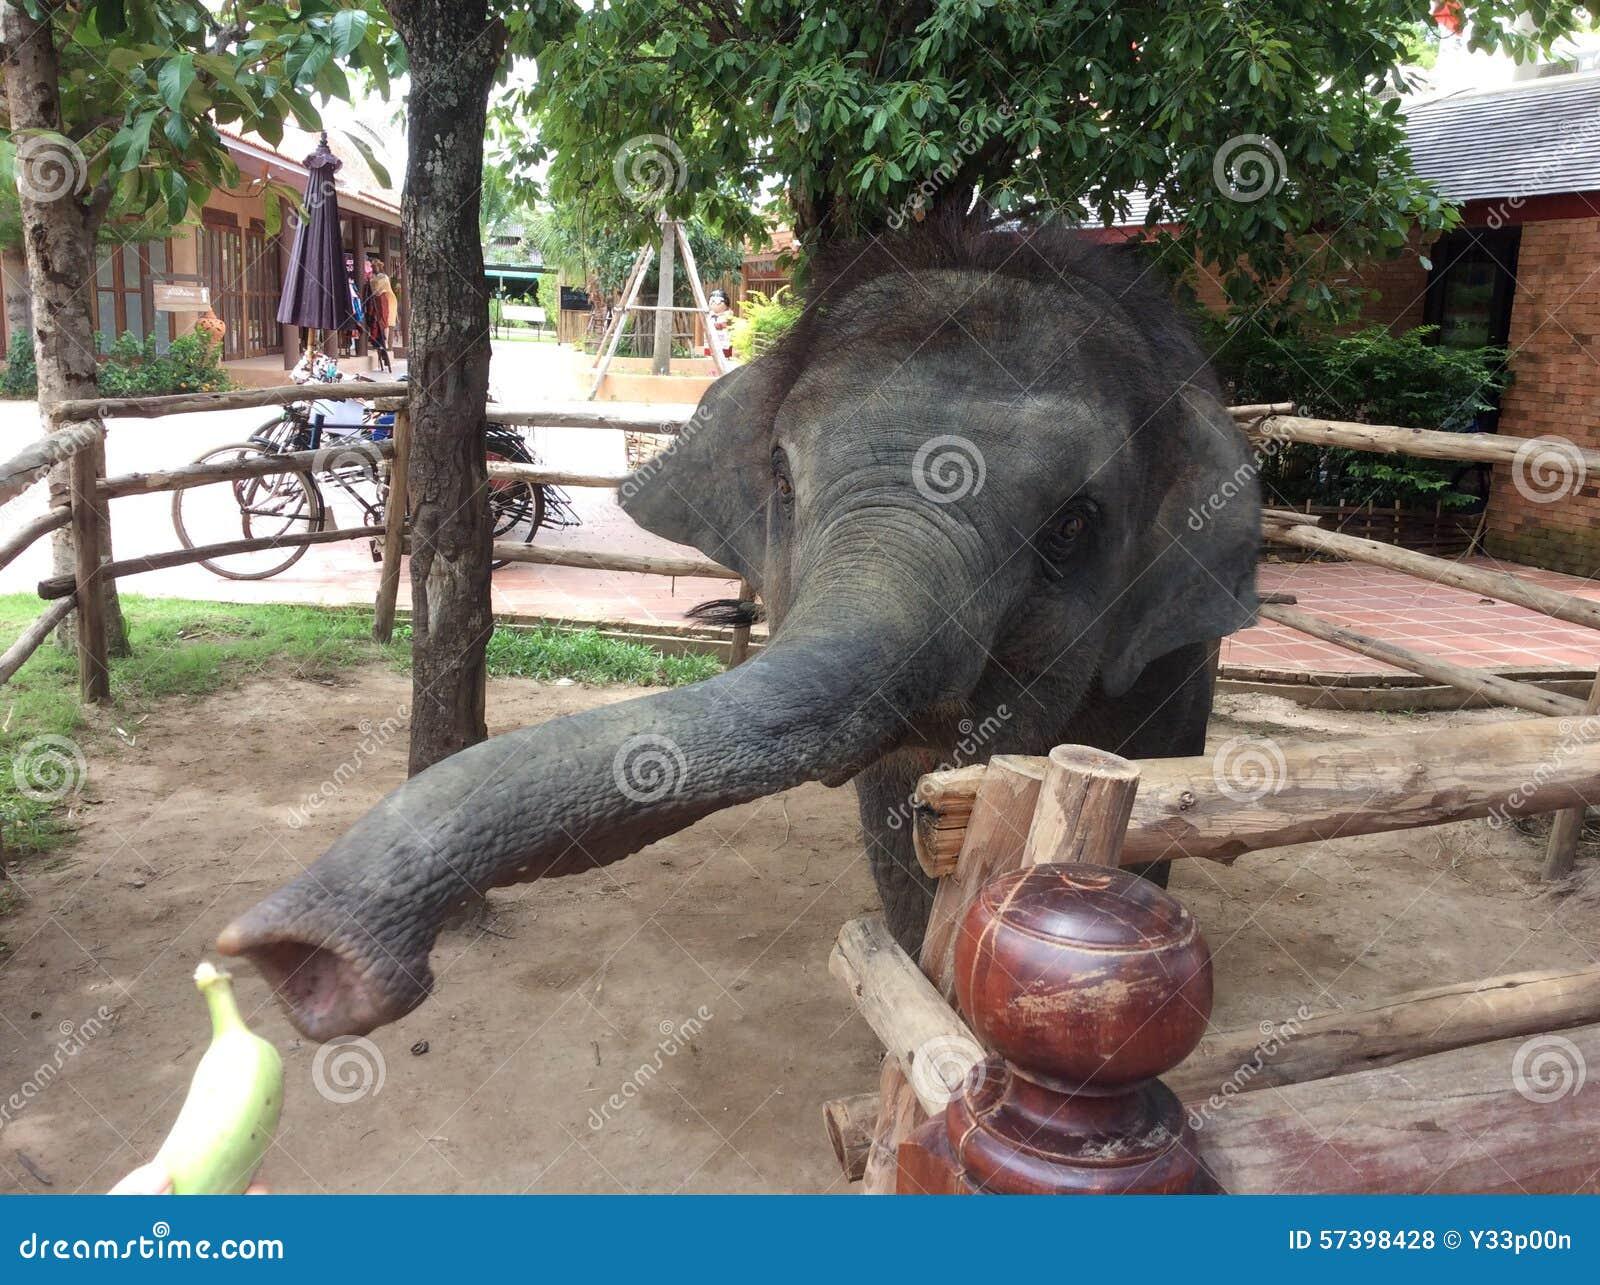 Thaise Babyolifant in Pattaya Thailand